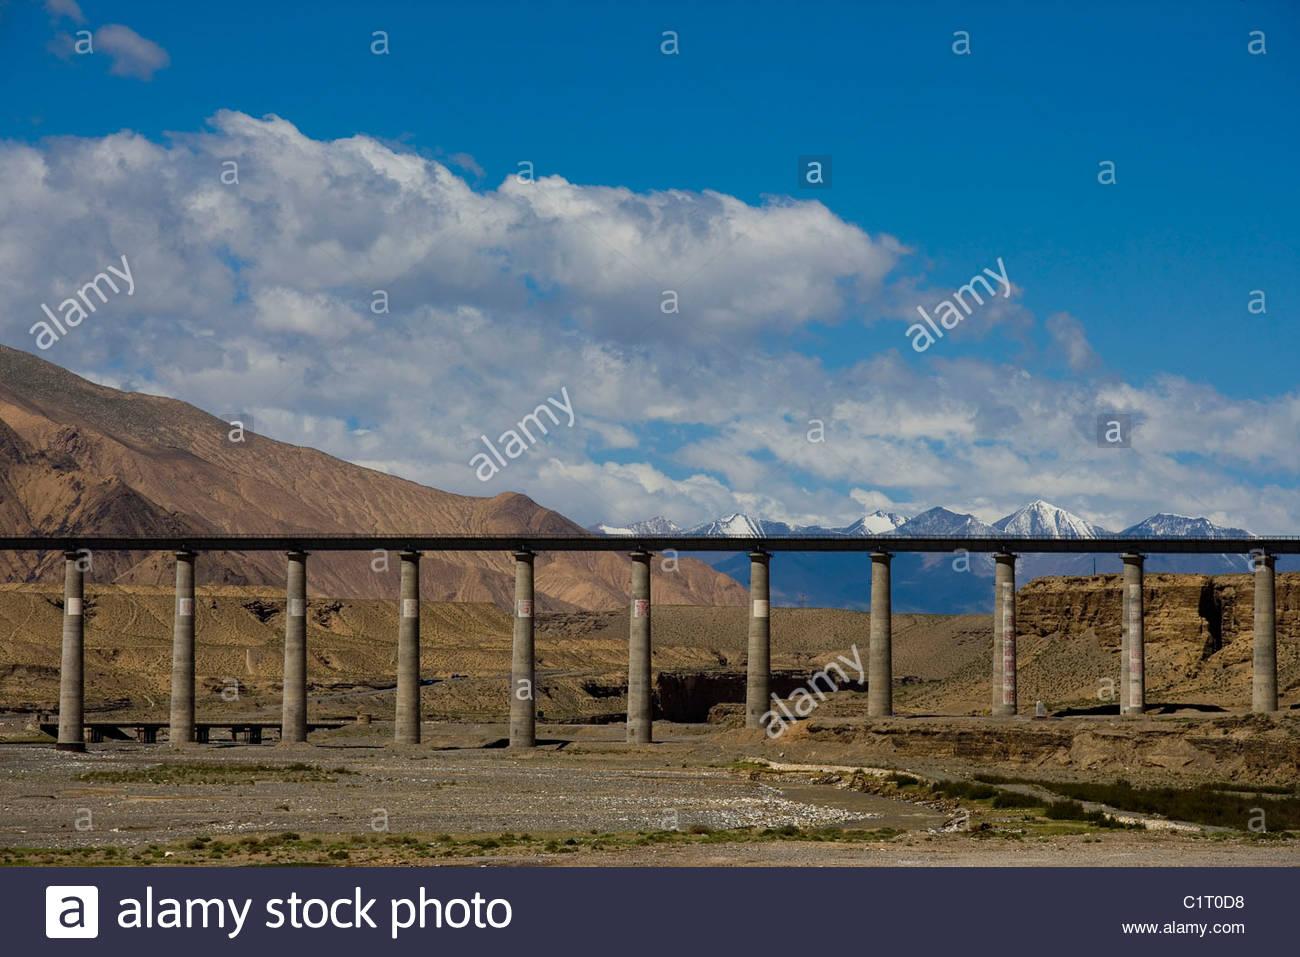 Mt Kunlun, Qinghai Tibet Railway, Qinghai, China - Stock Image